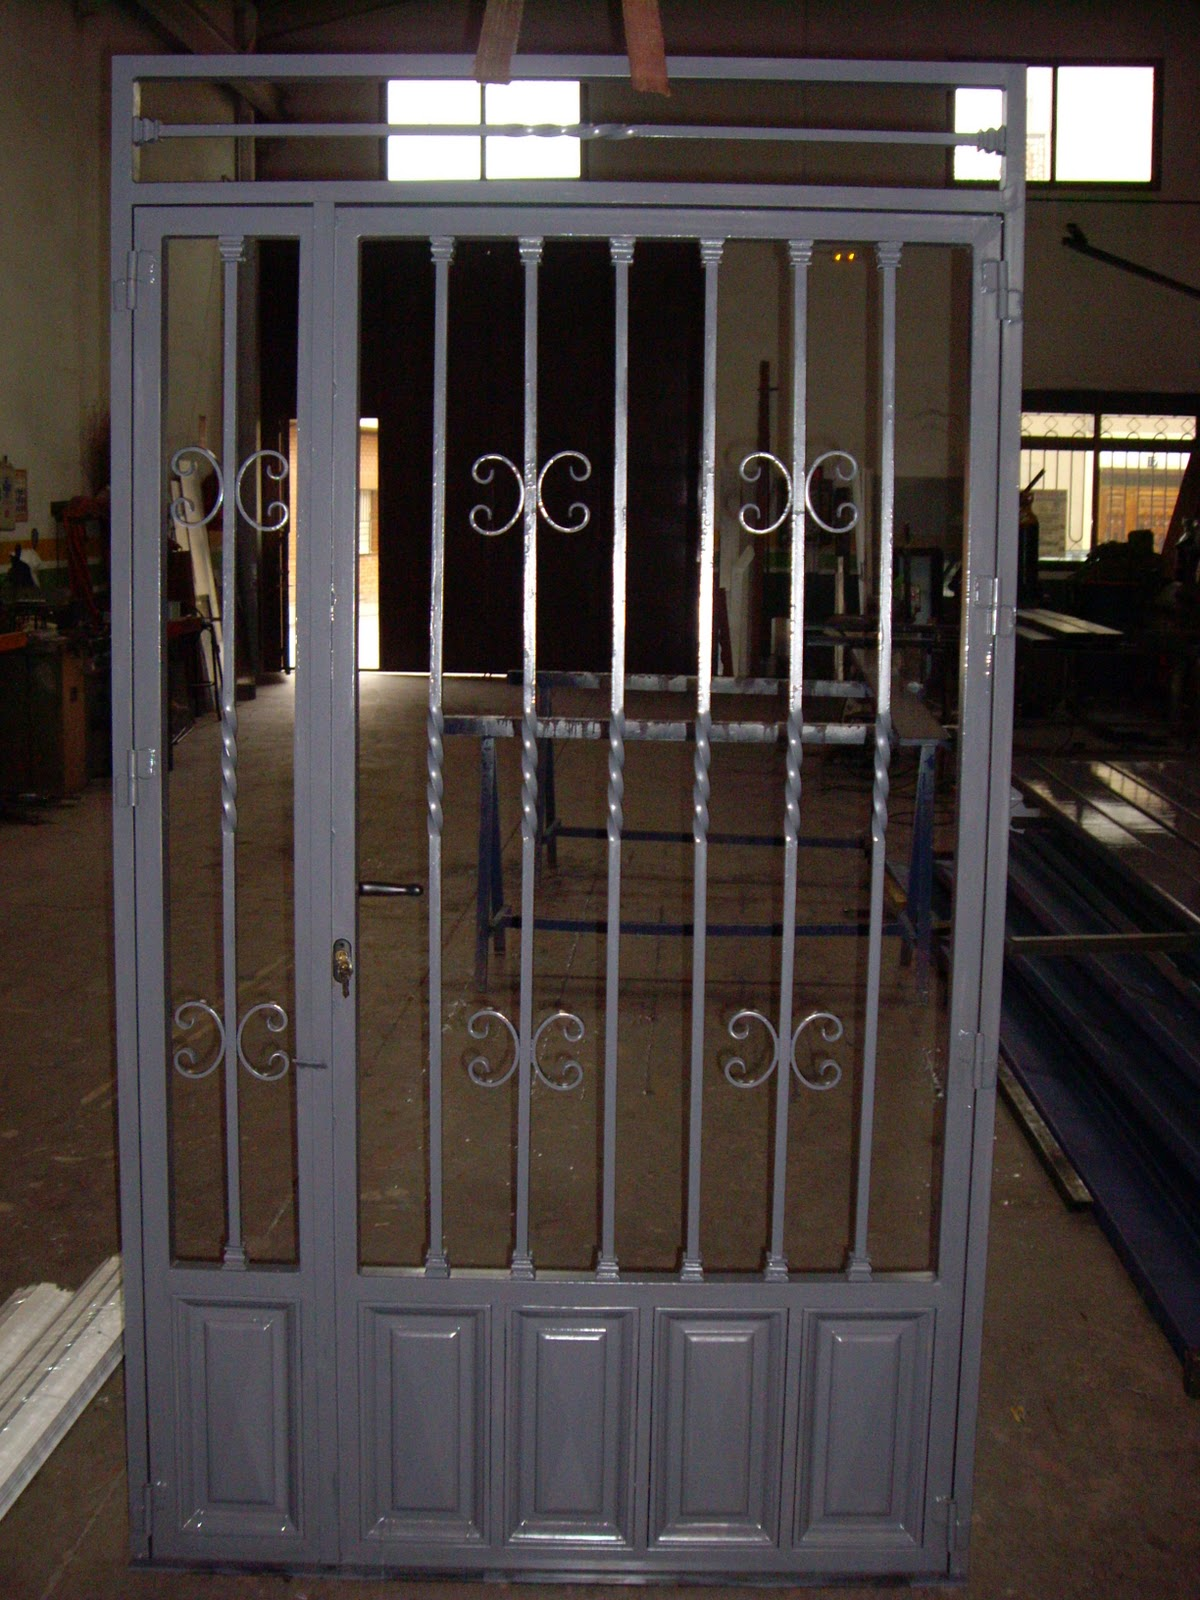 Fotos de puertas metalicas para casas puertas de casas for Puertas metalicas para casa